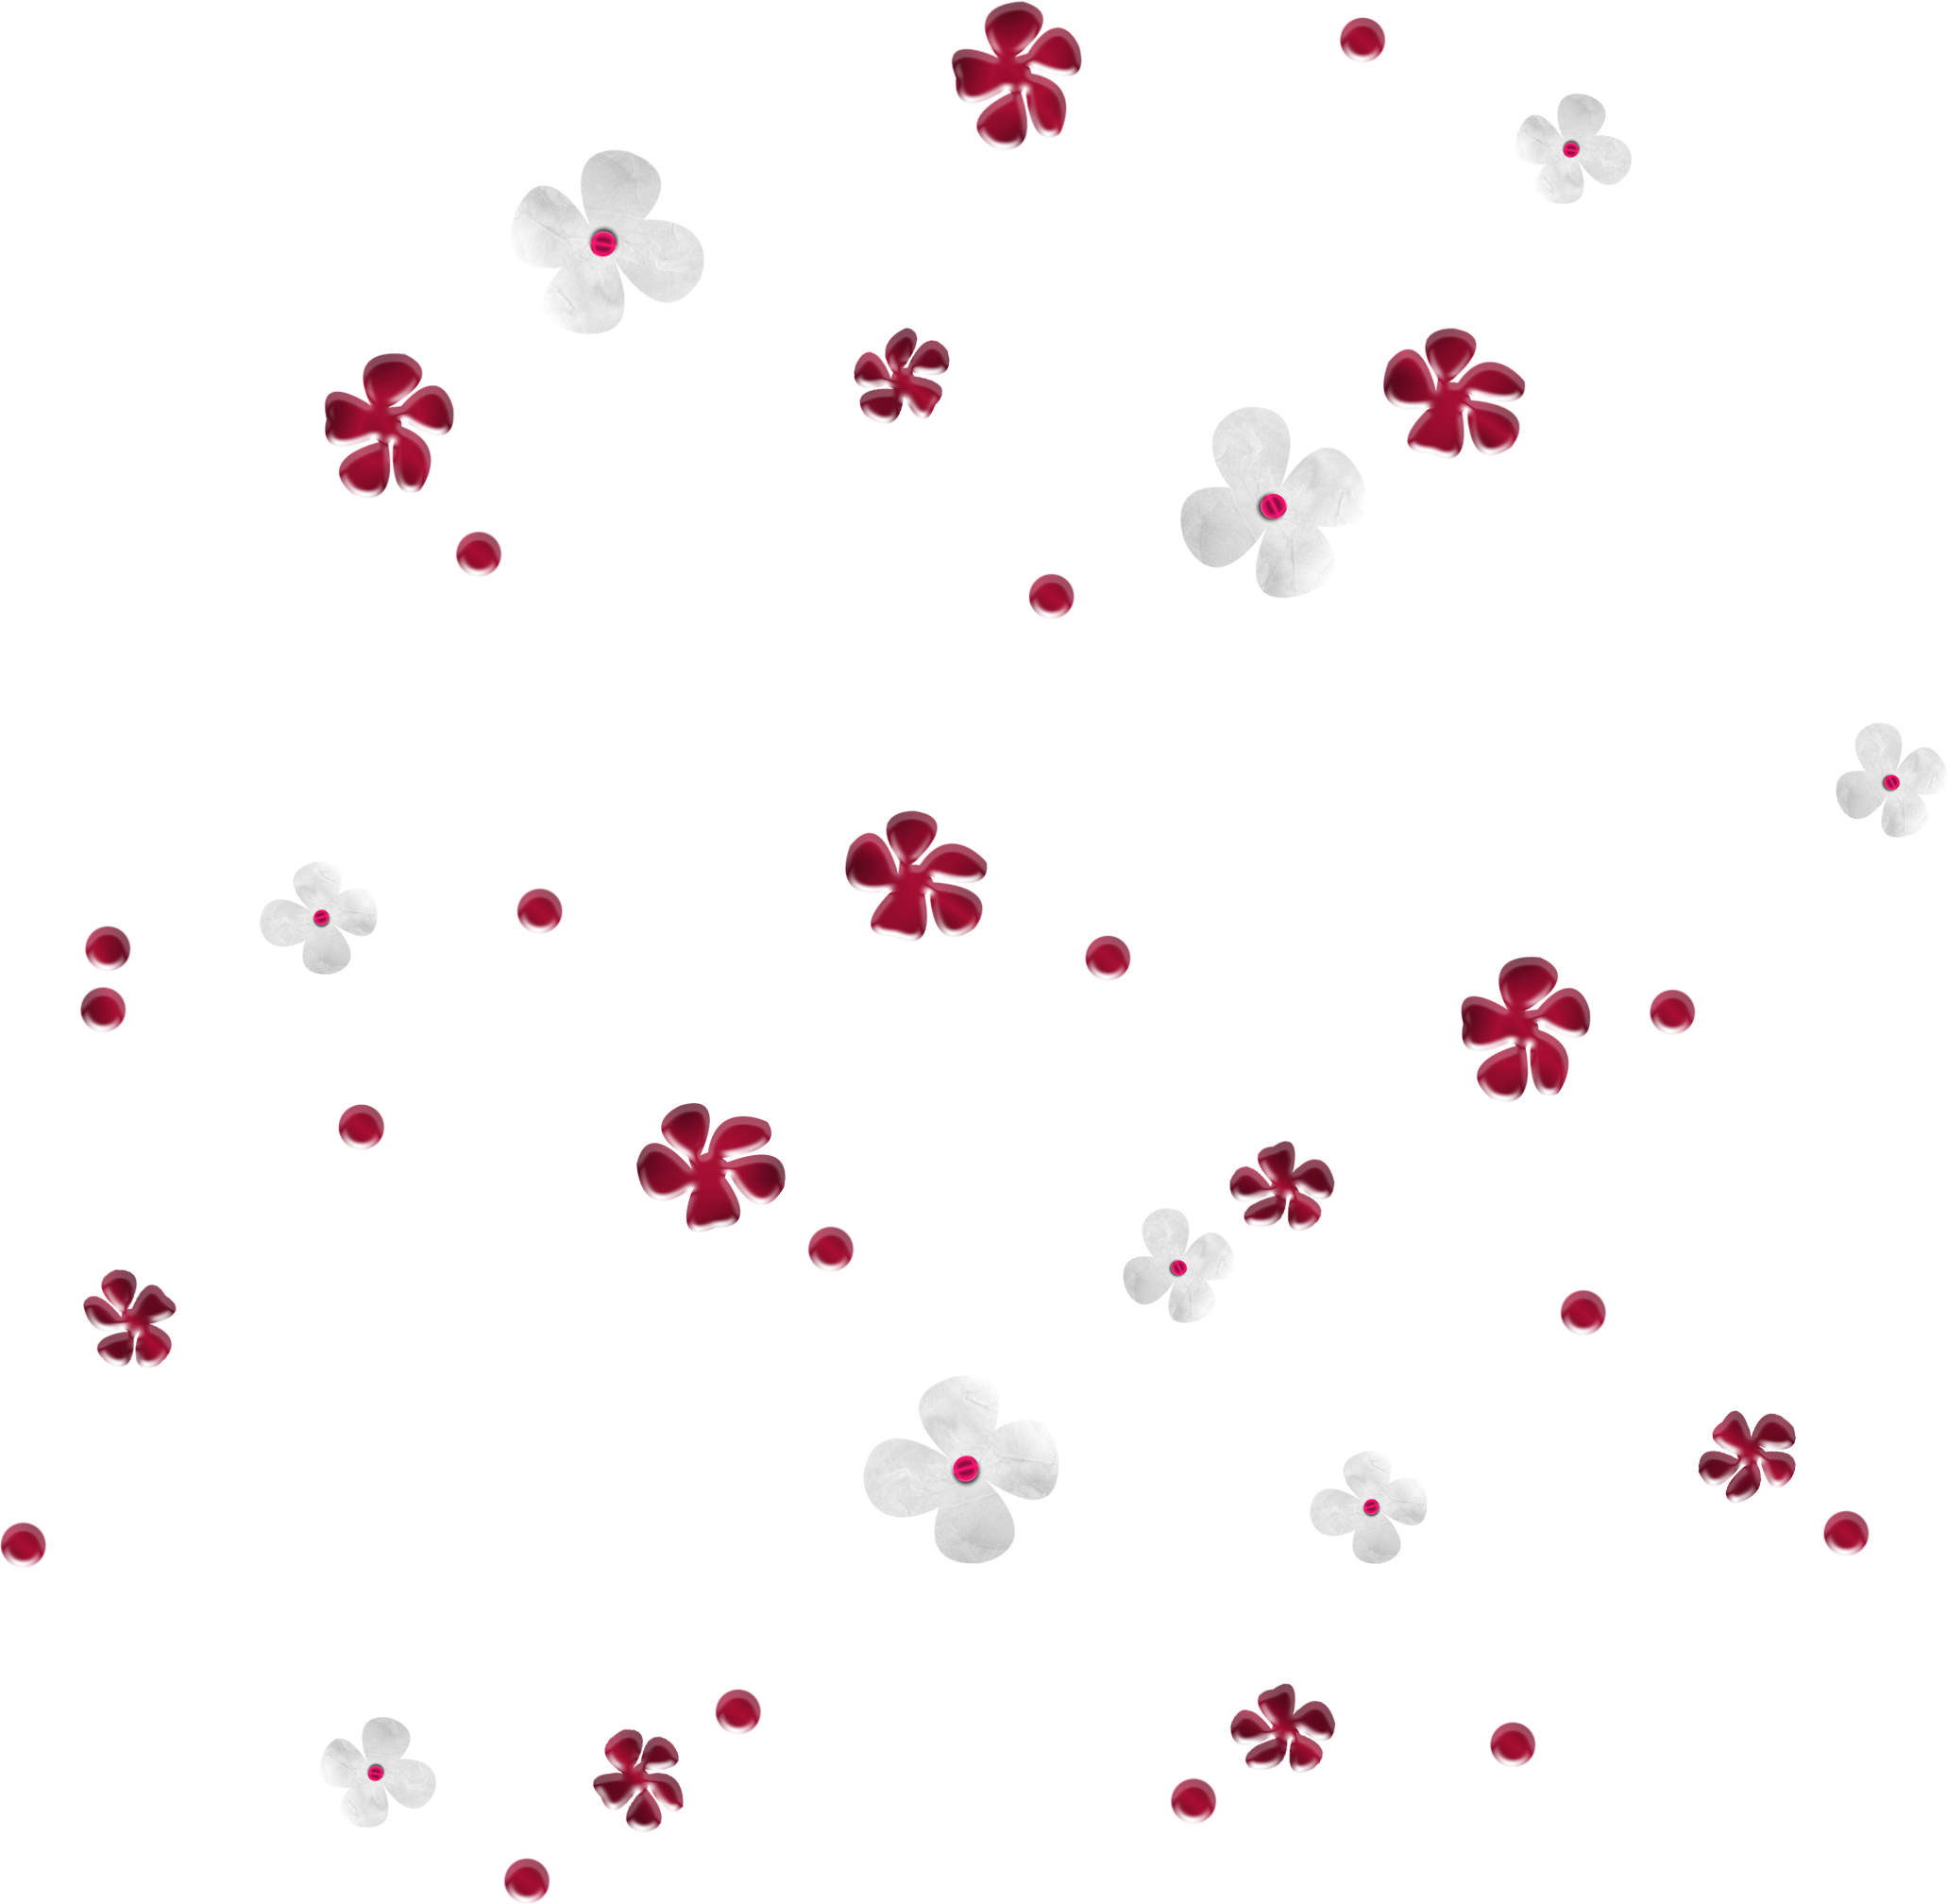 общий картинка мелкие цветочки на белом фоне становятся